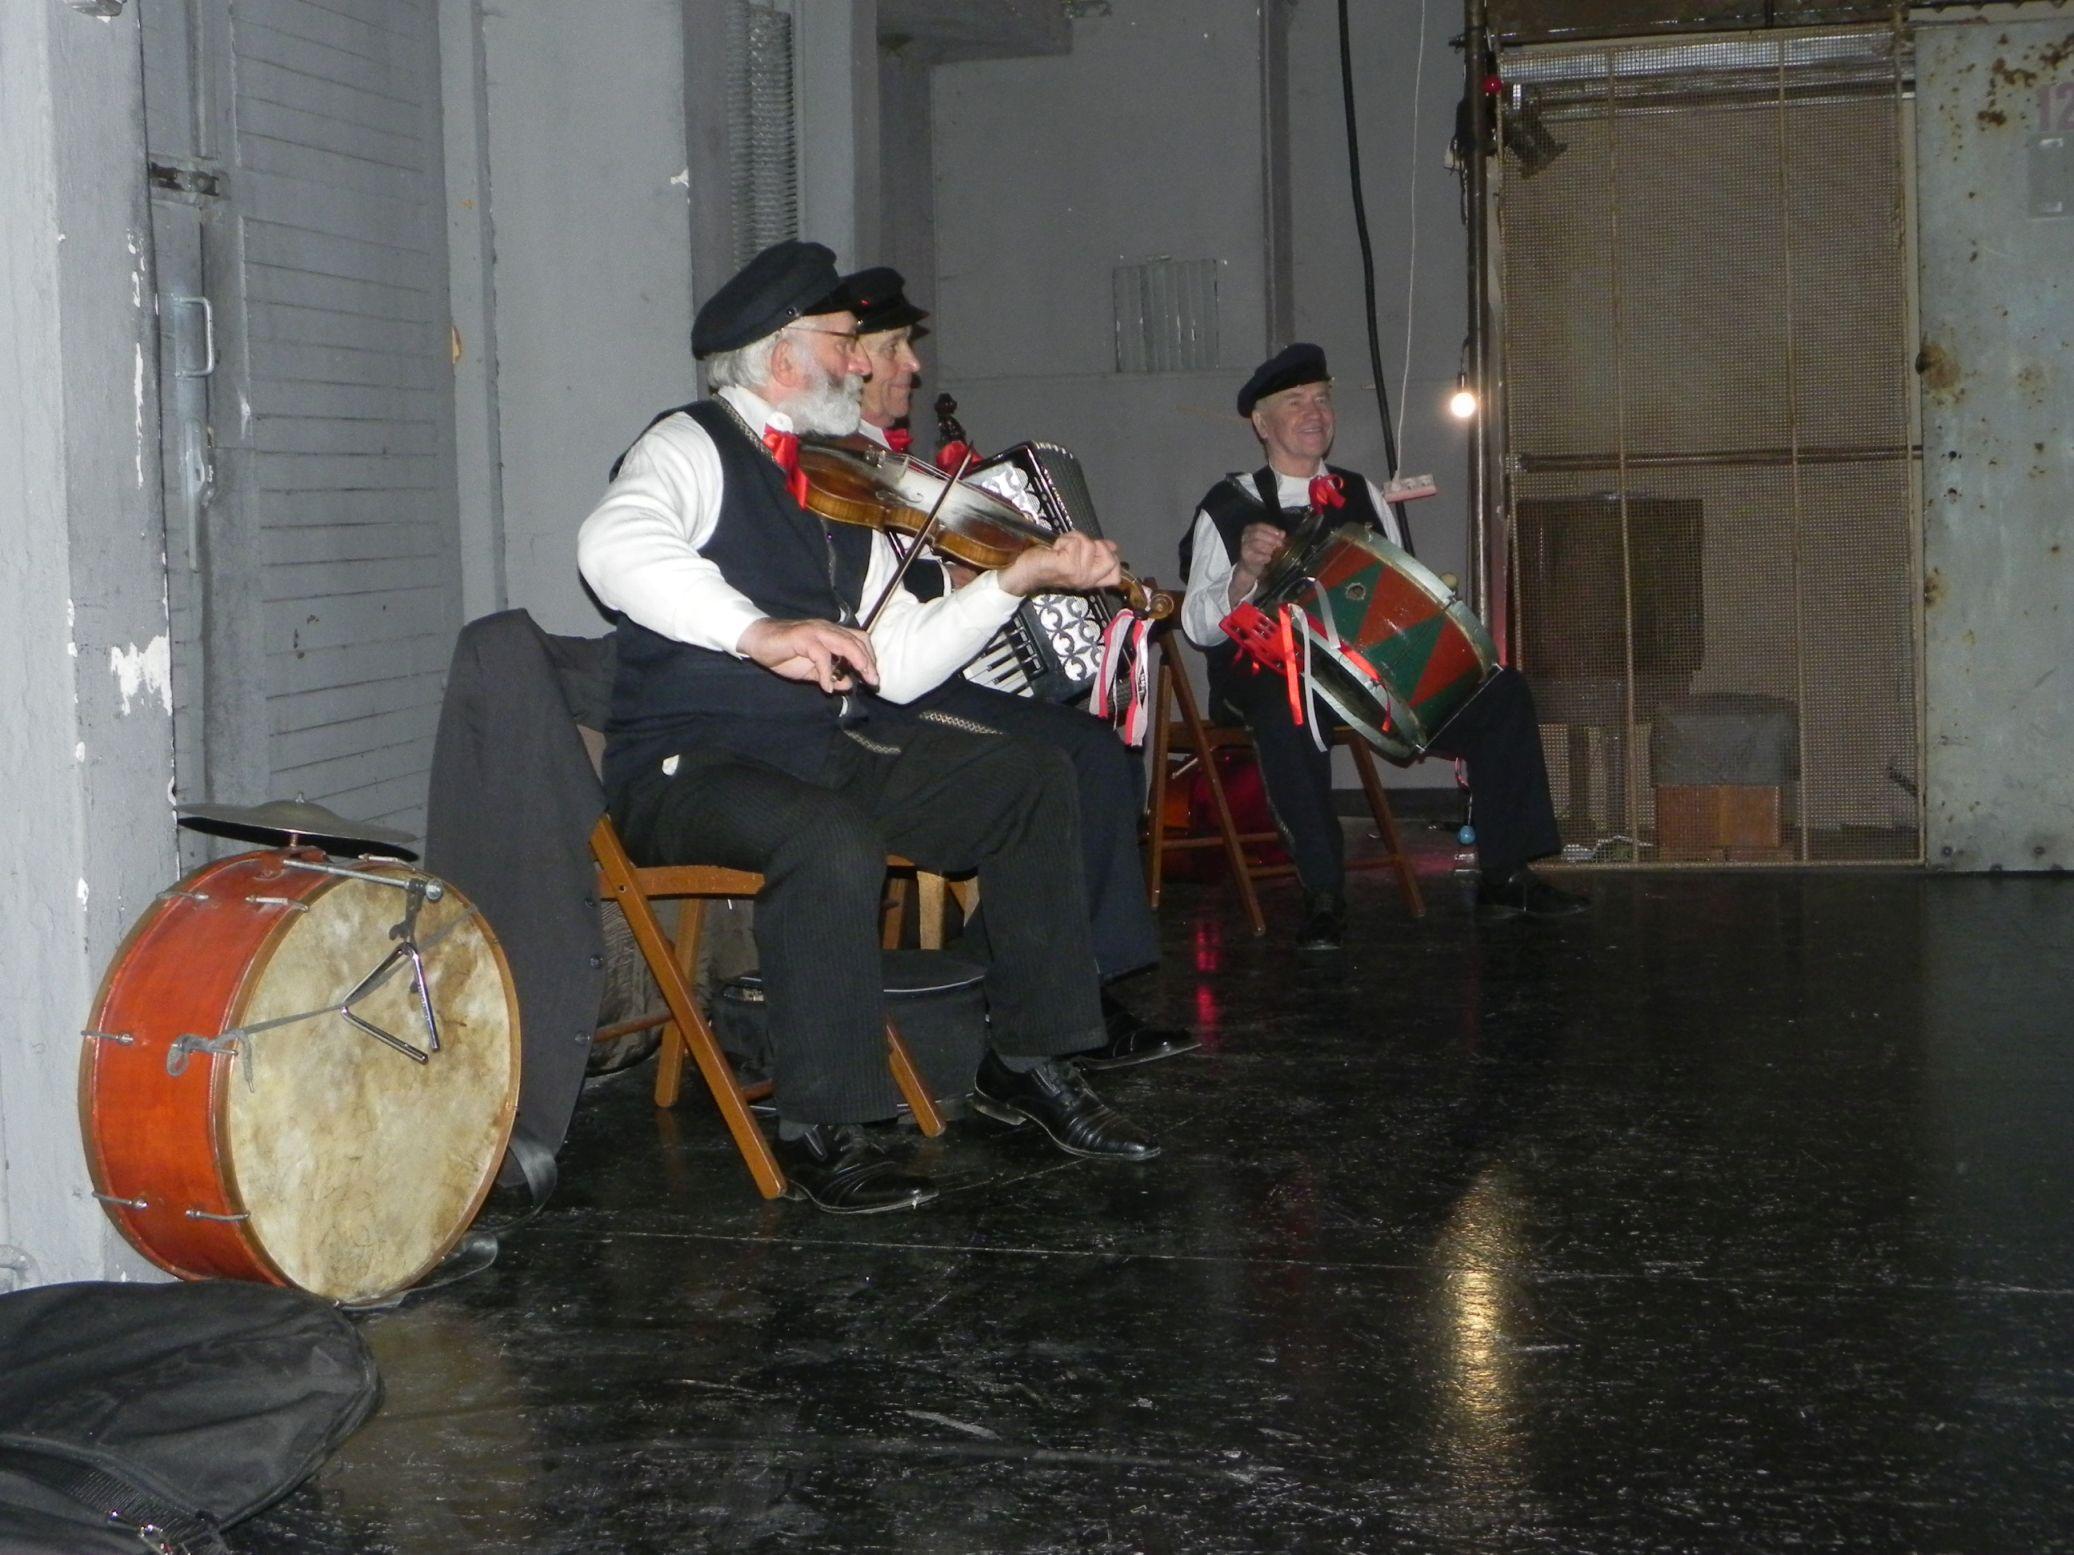 2015-11-05 Łódż - tatr szwalnia (12)